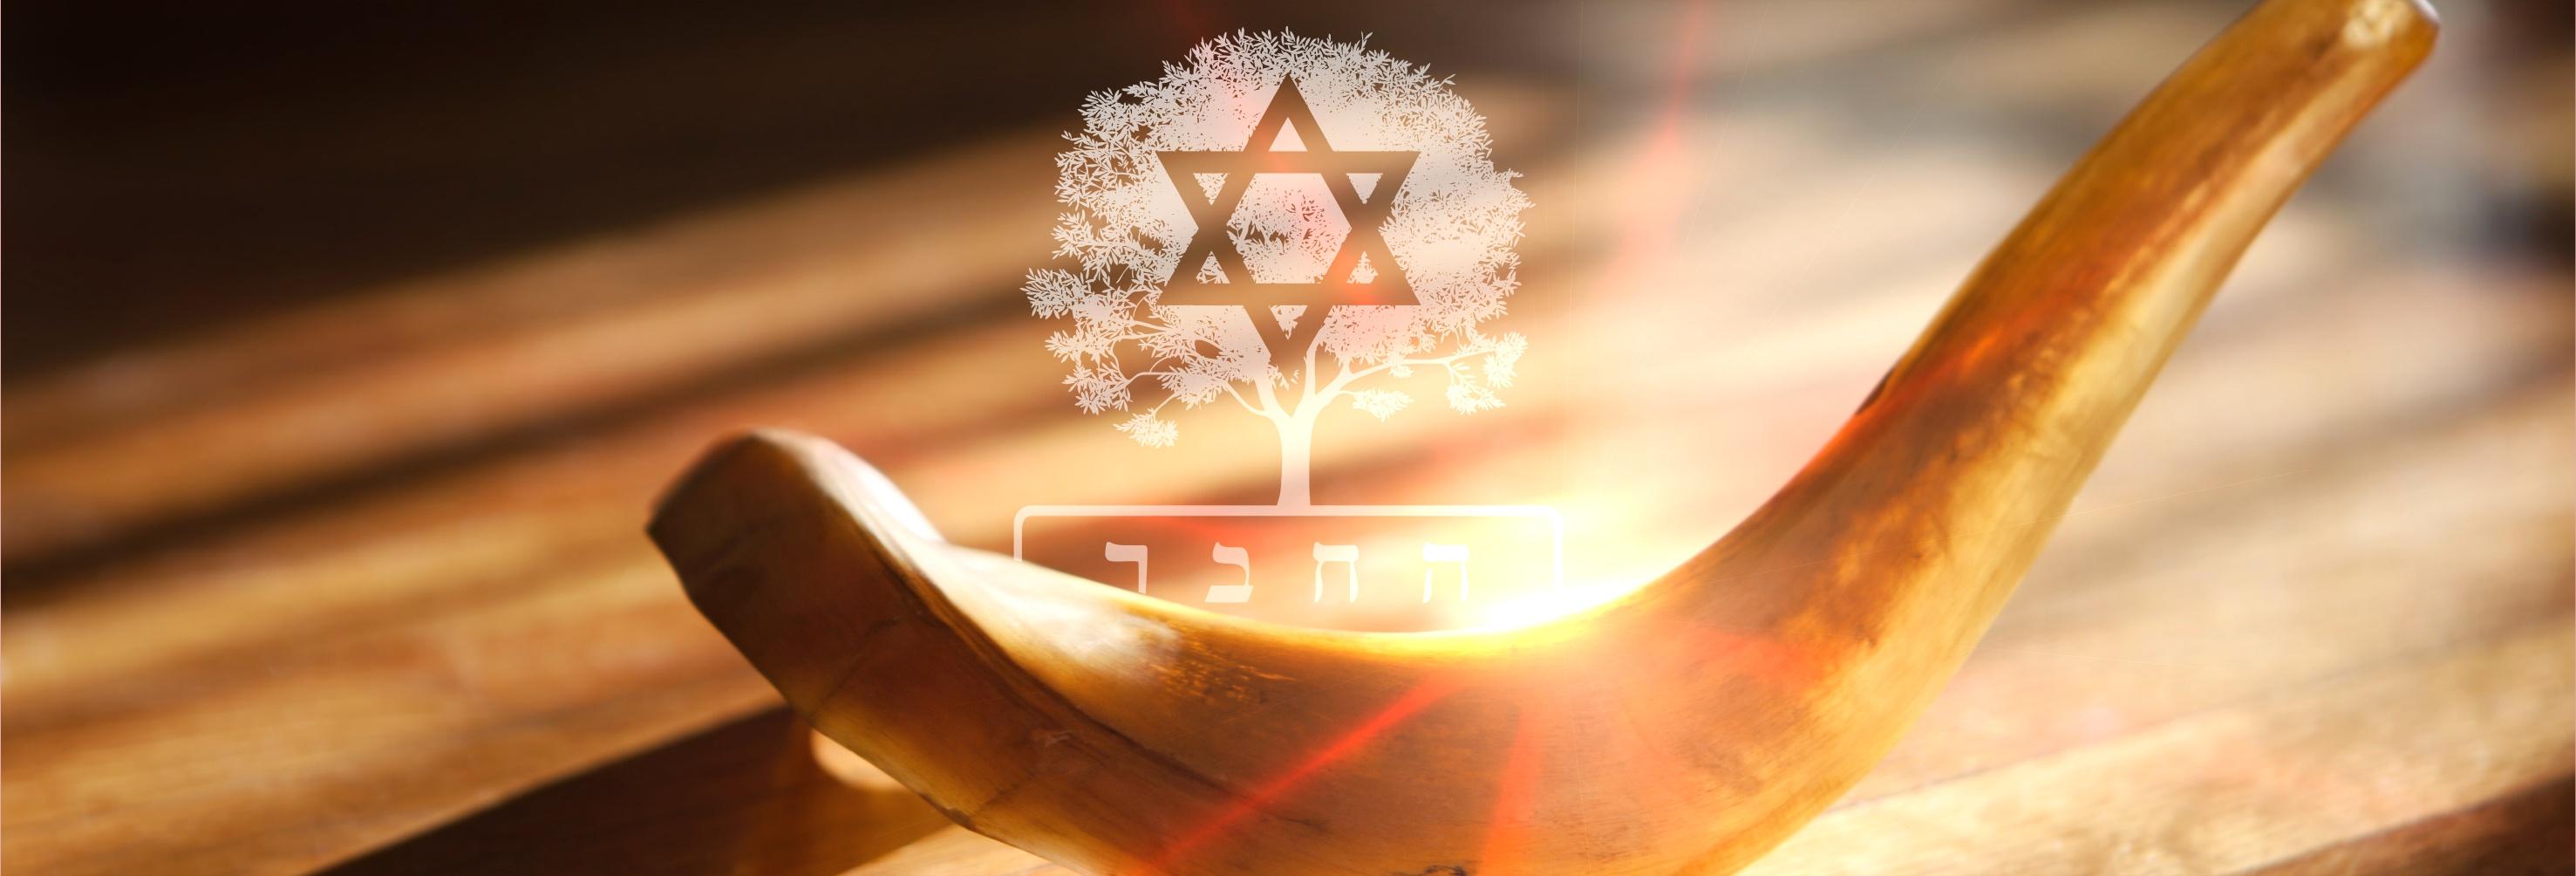 header - Yom Kippur 2018 - 5779